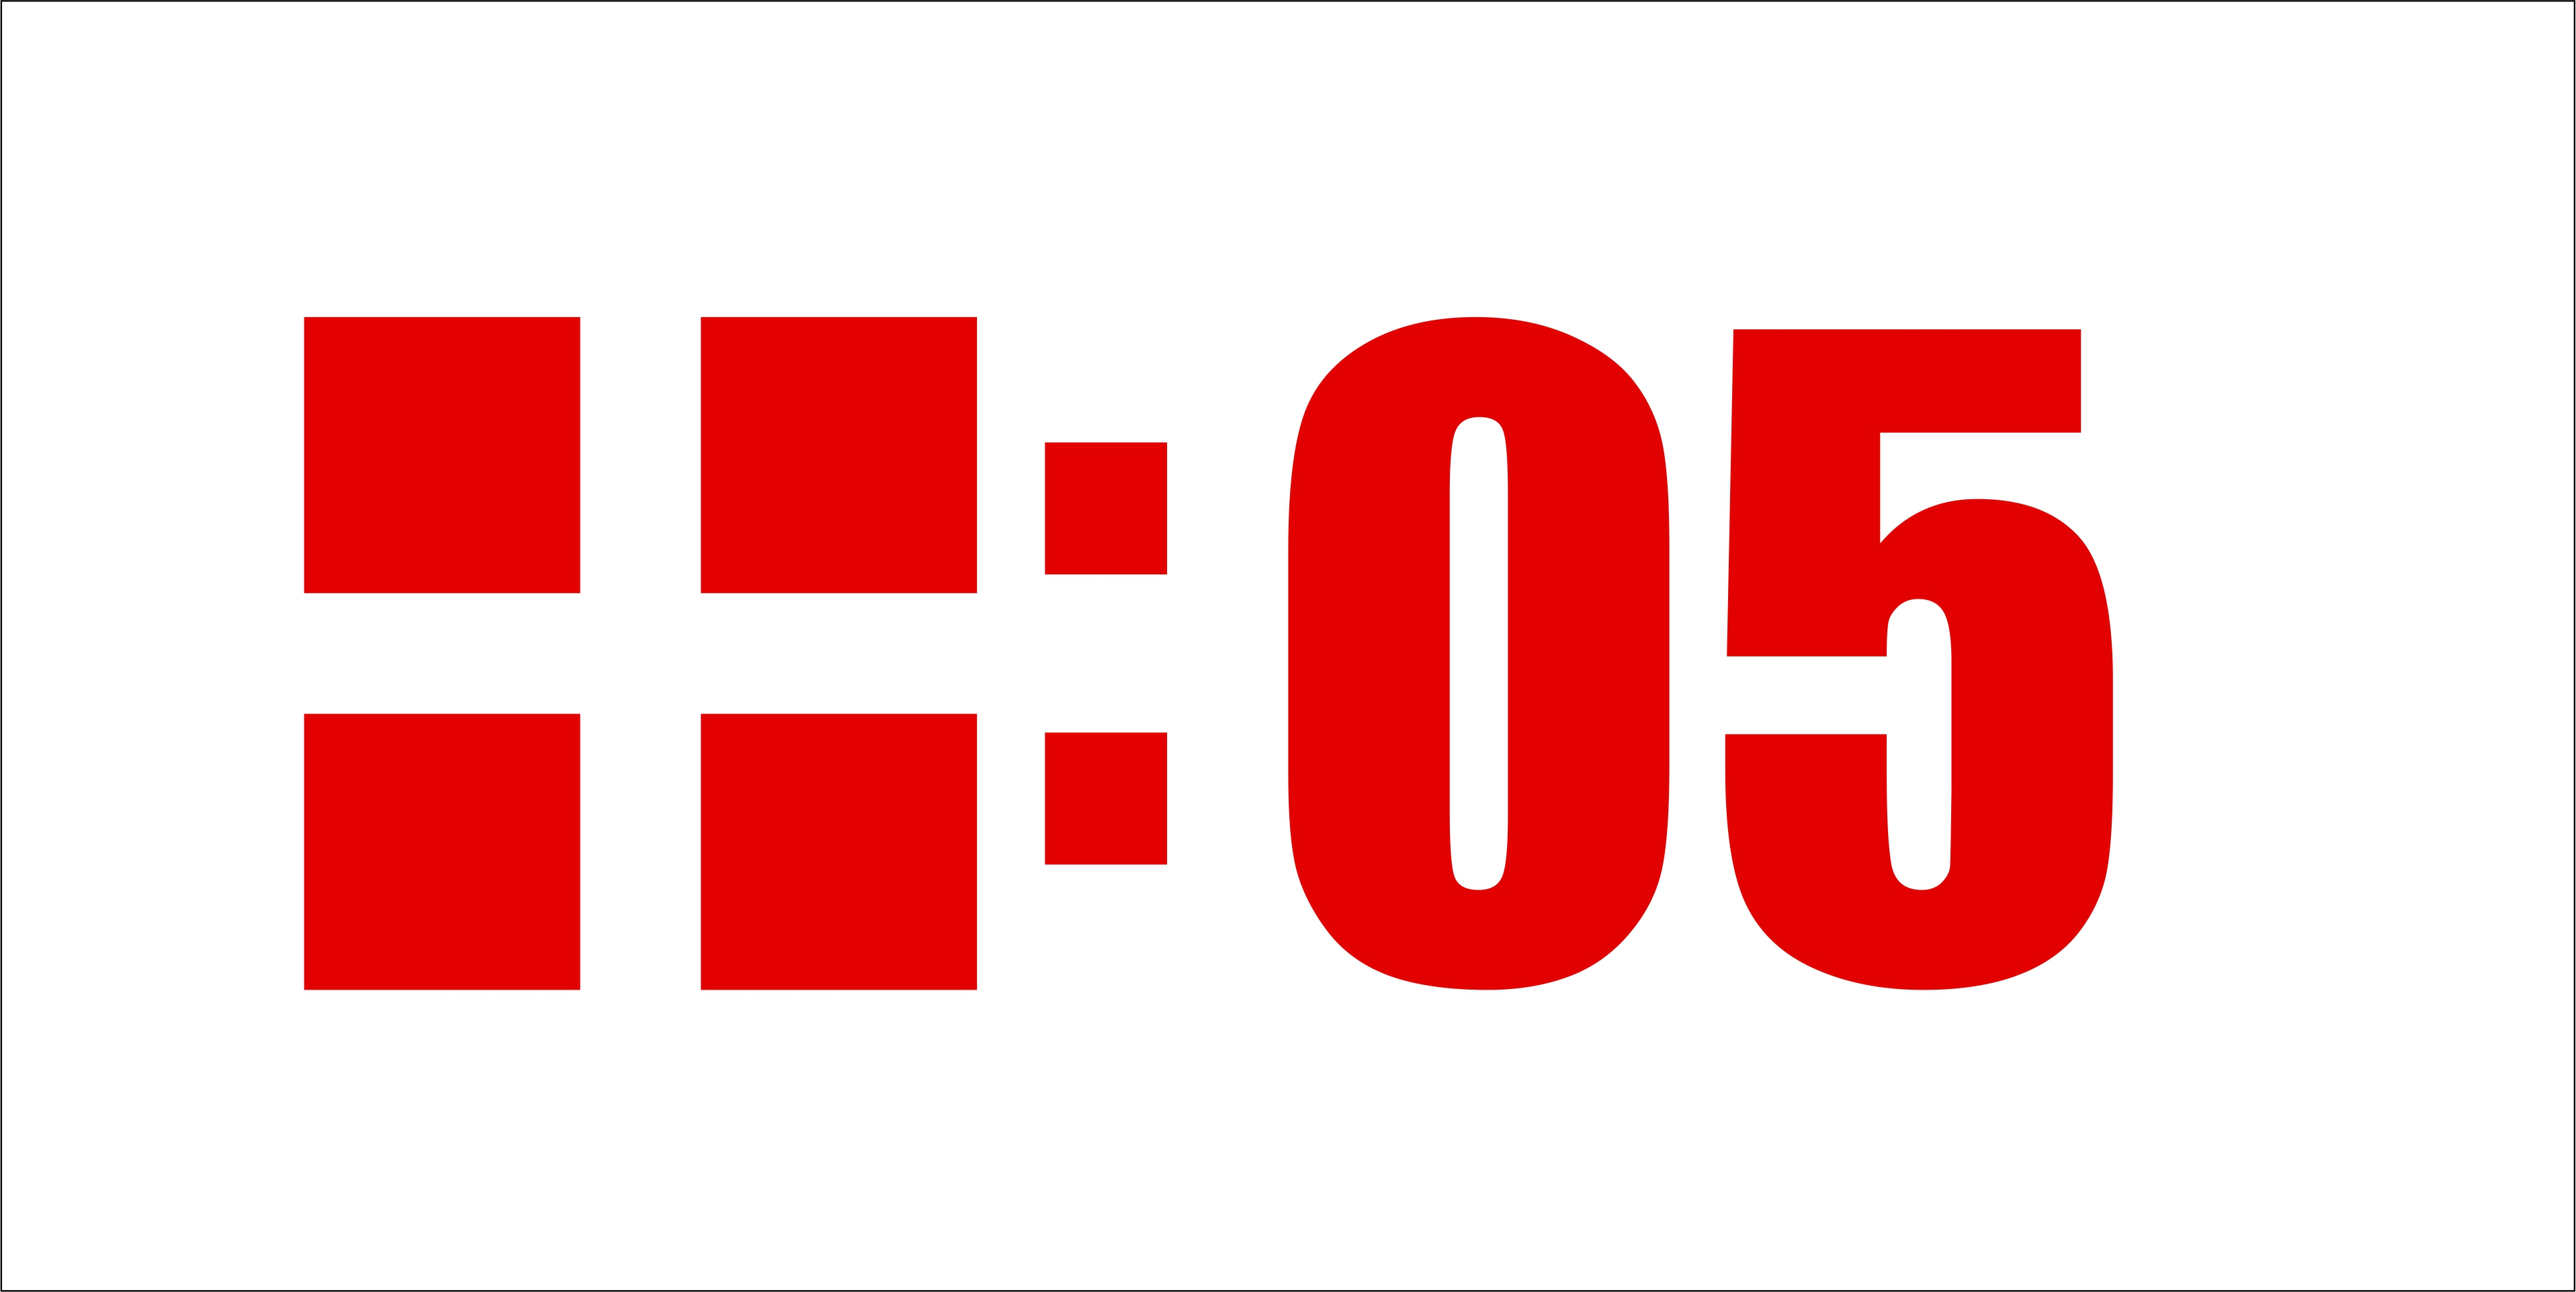 Готовый логотип или эскиз (мед. тематика) фото f_21655b3c94a68756.jpg